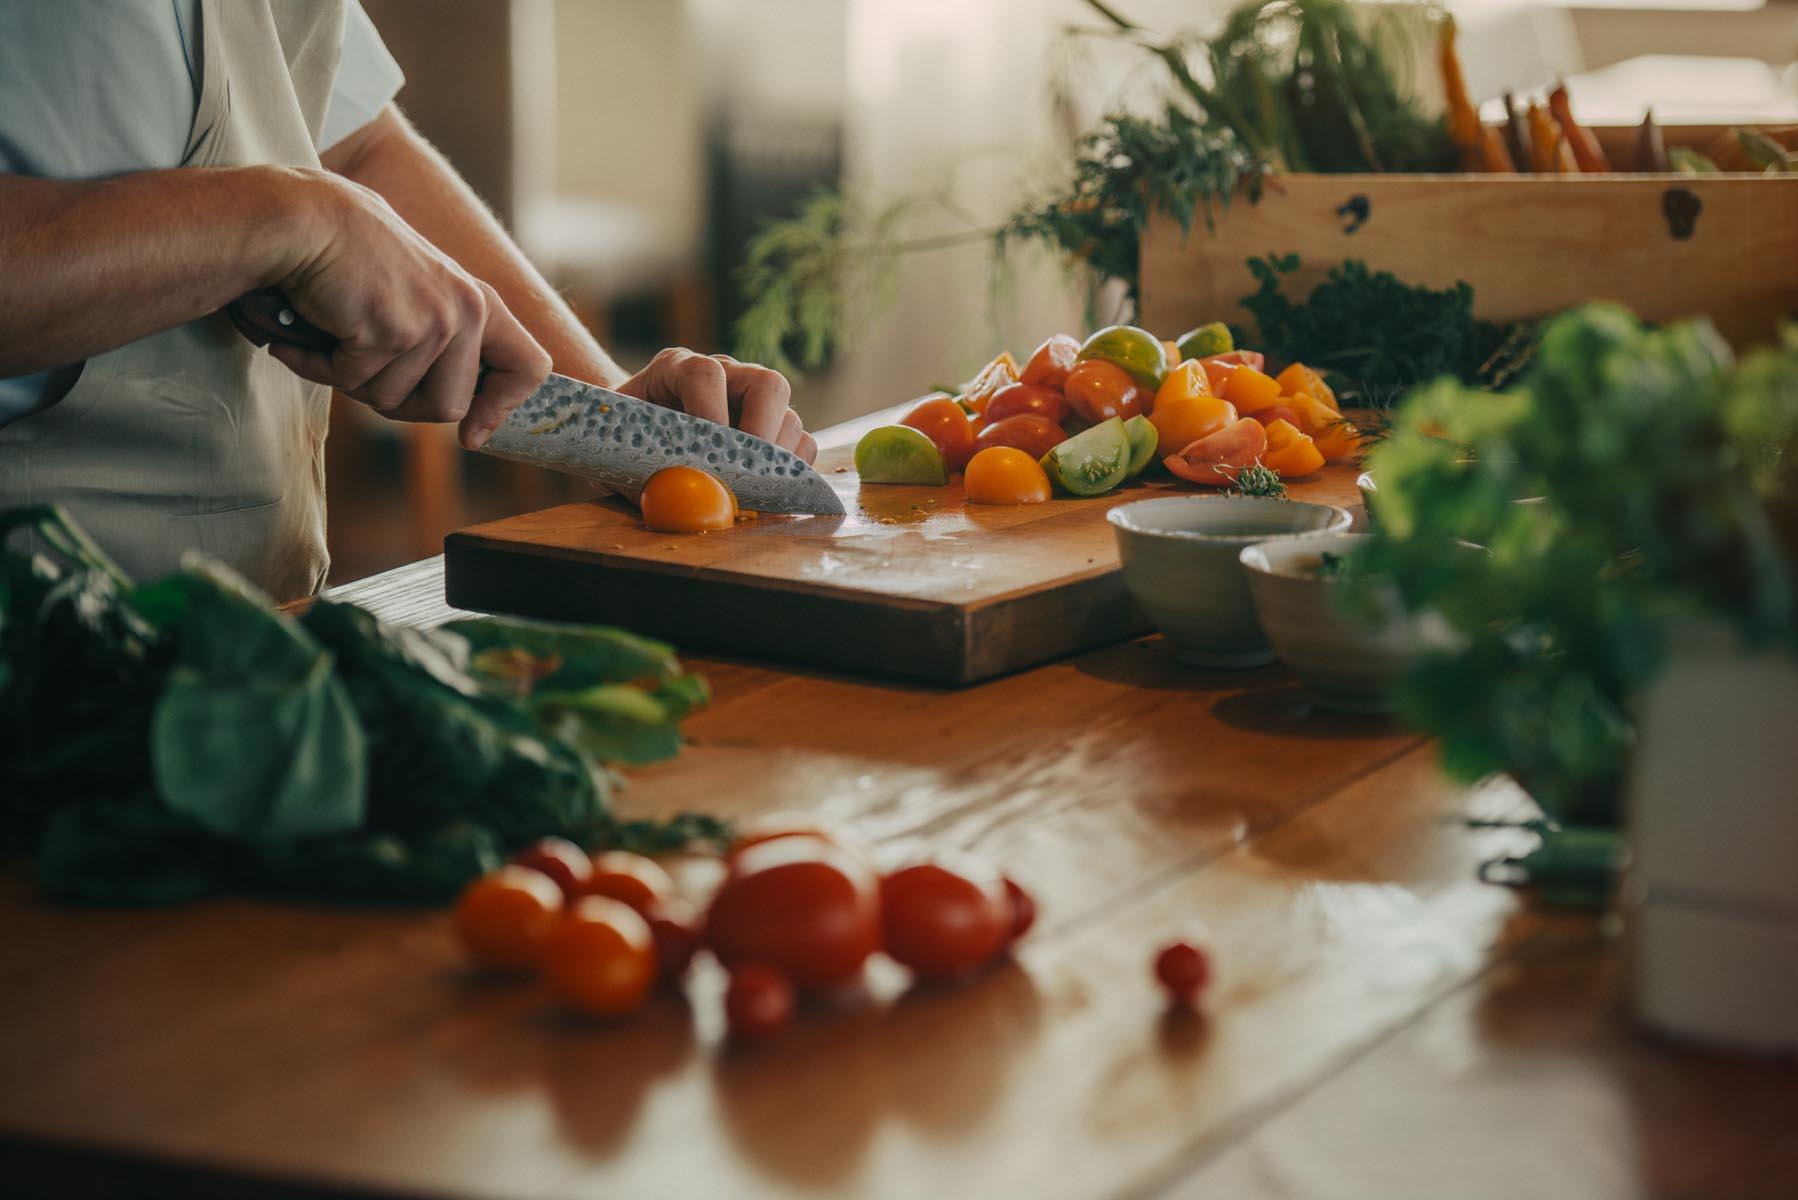 kock skär tomater